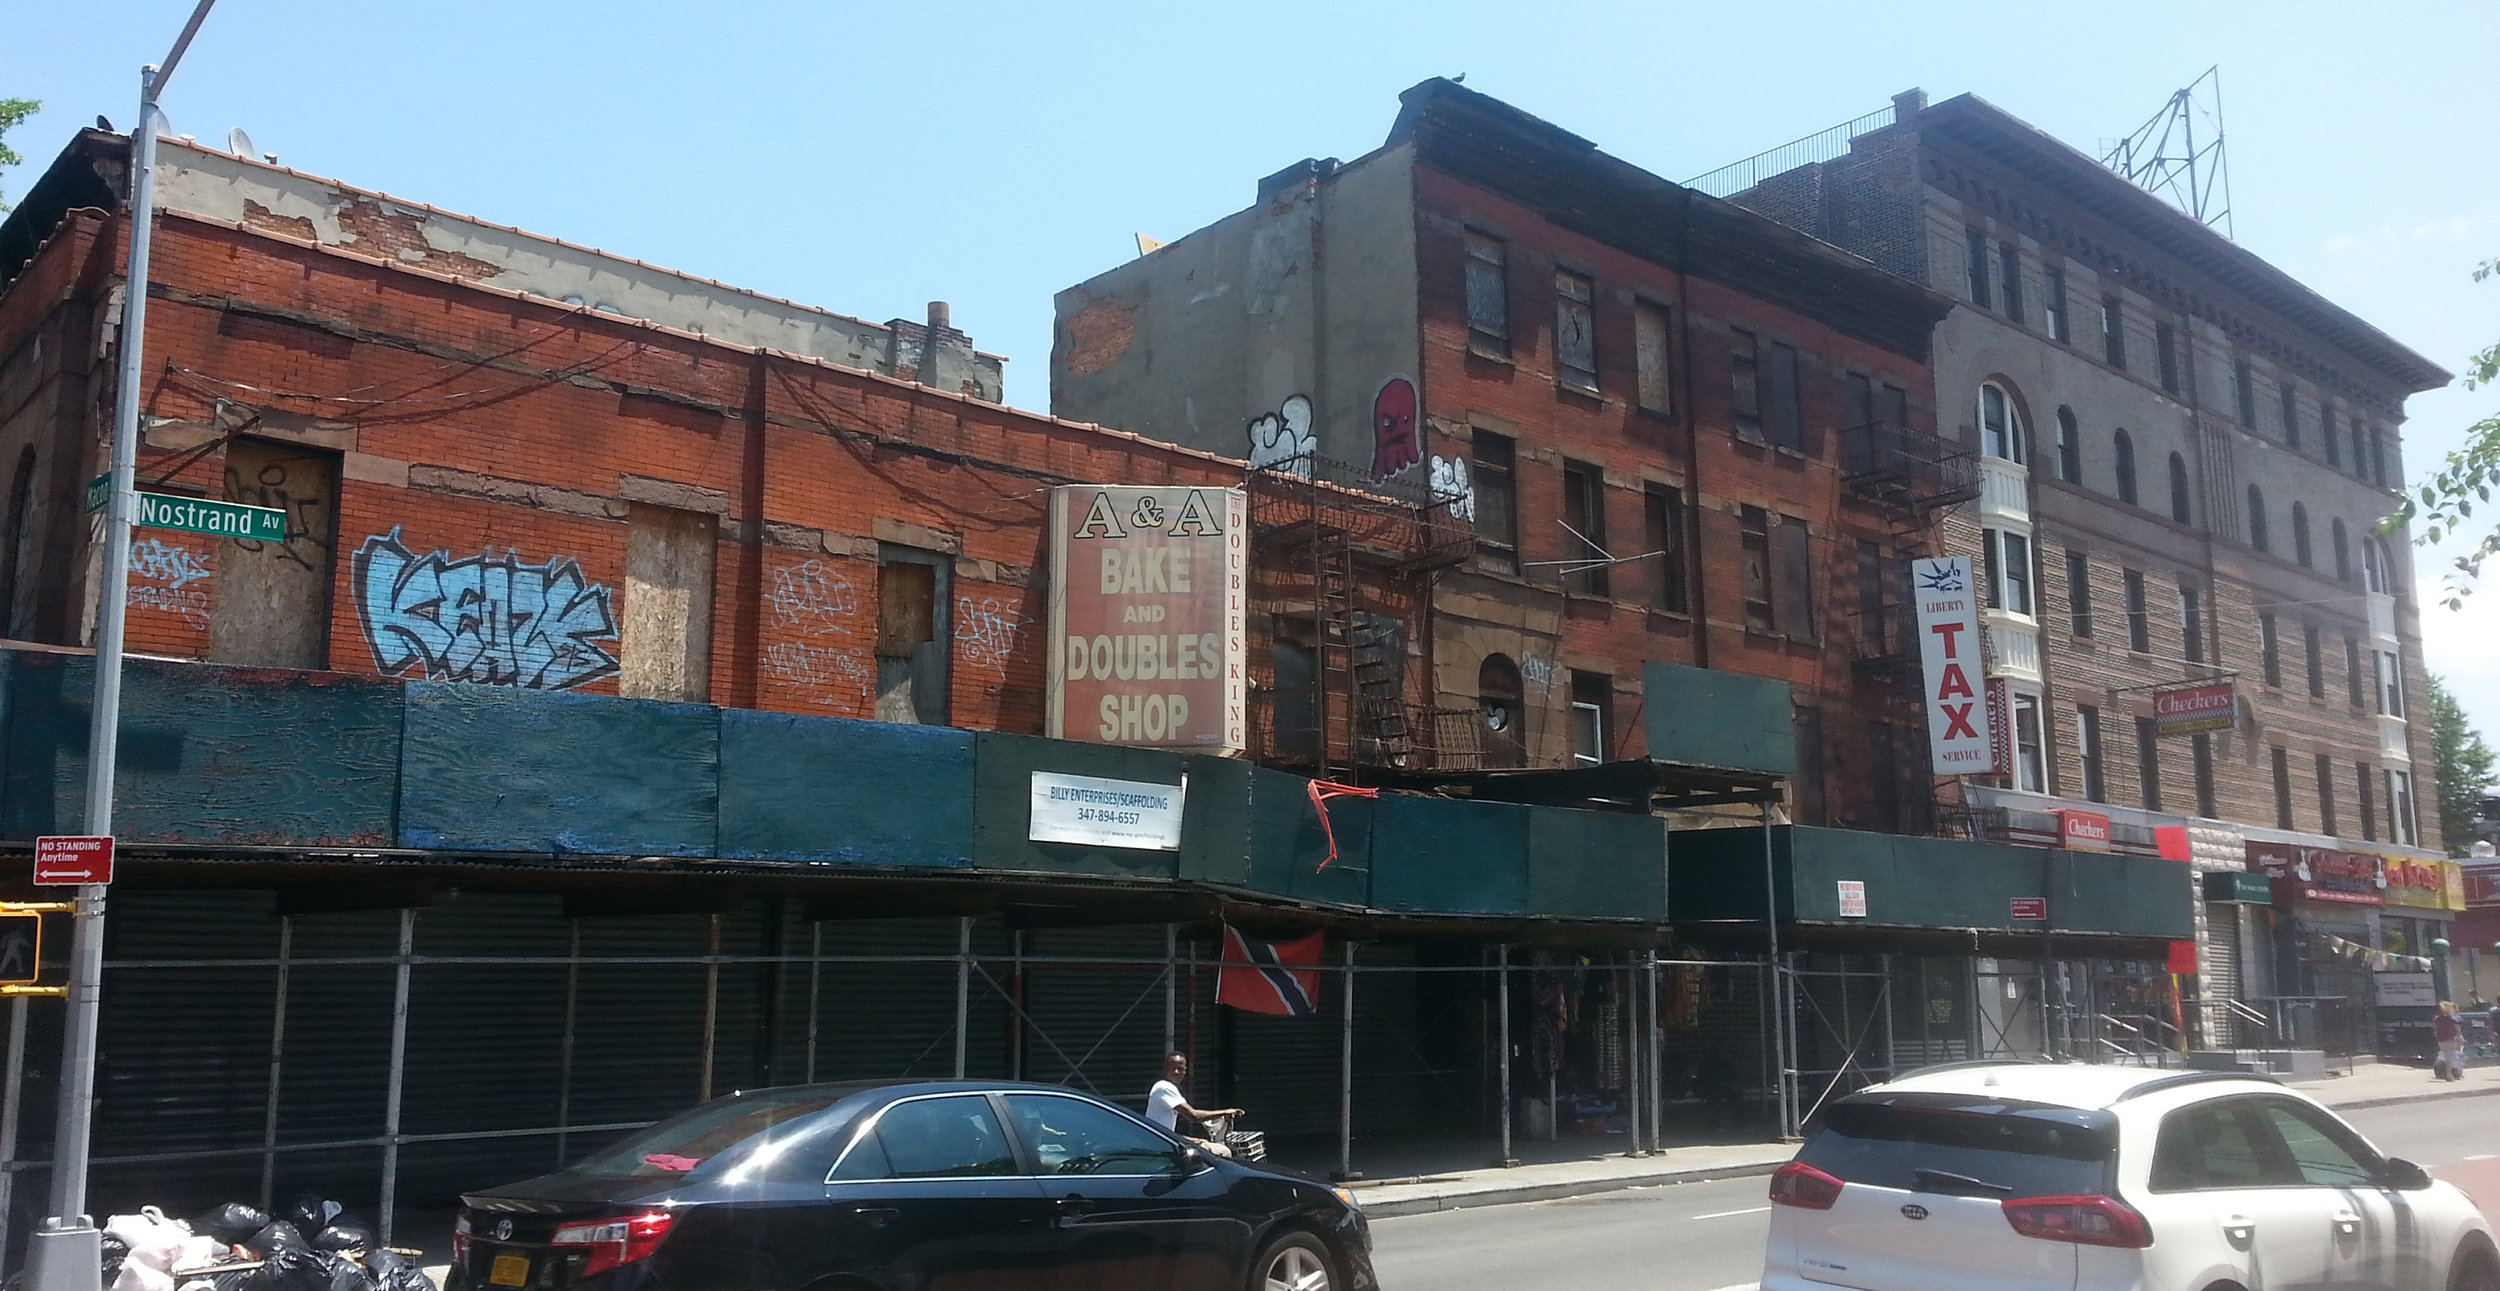 479 Nostrand Ave., Brooklyn, NY. Photo: Darryl Montgomery.